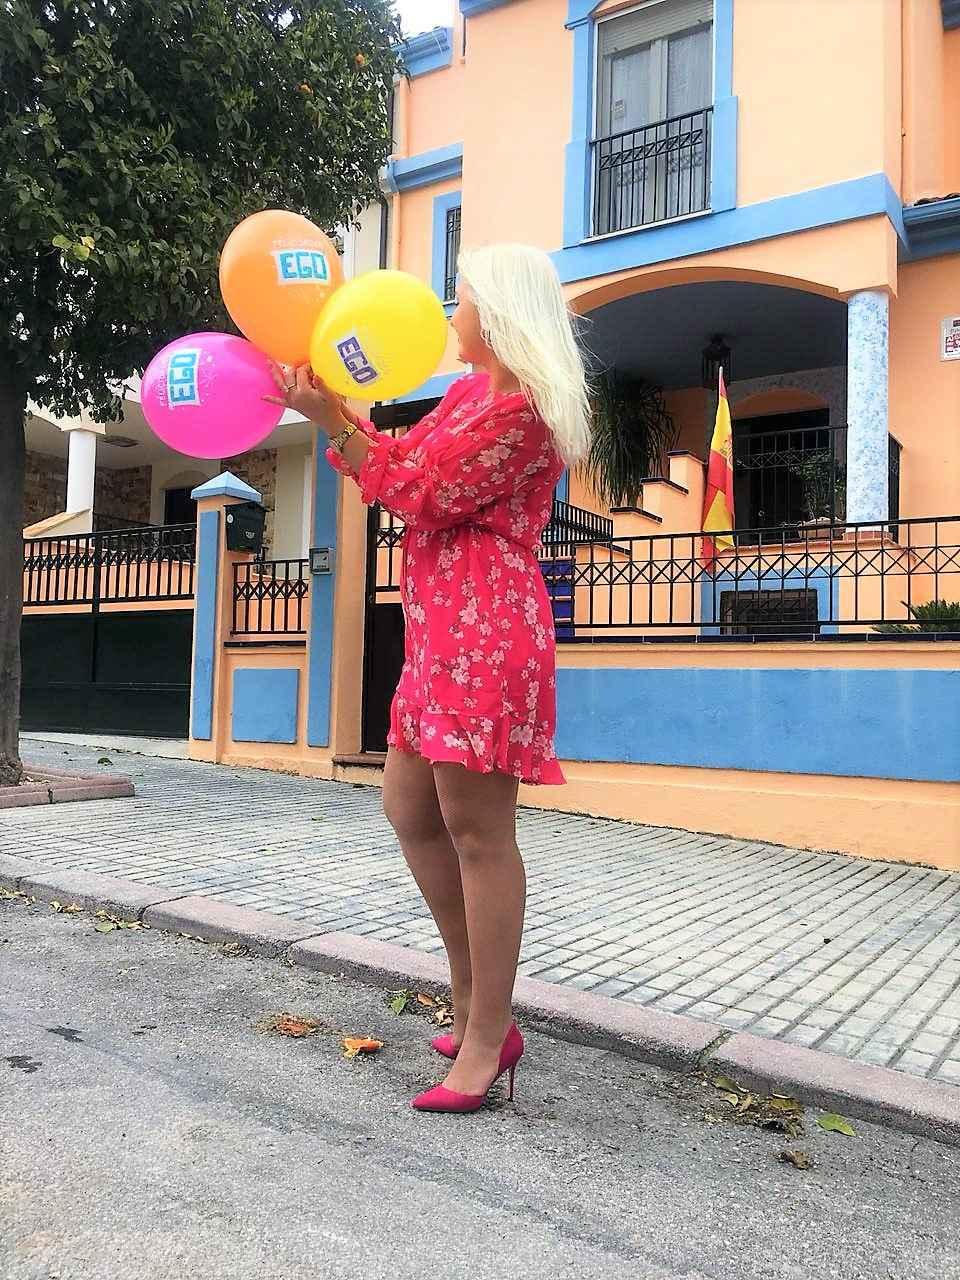 Работа в испании отзывы стамбул купить квартиру